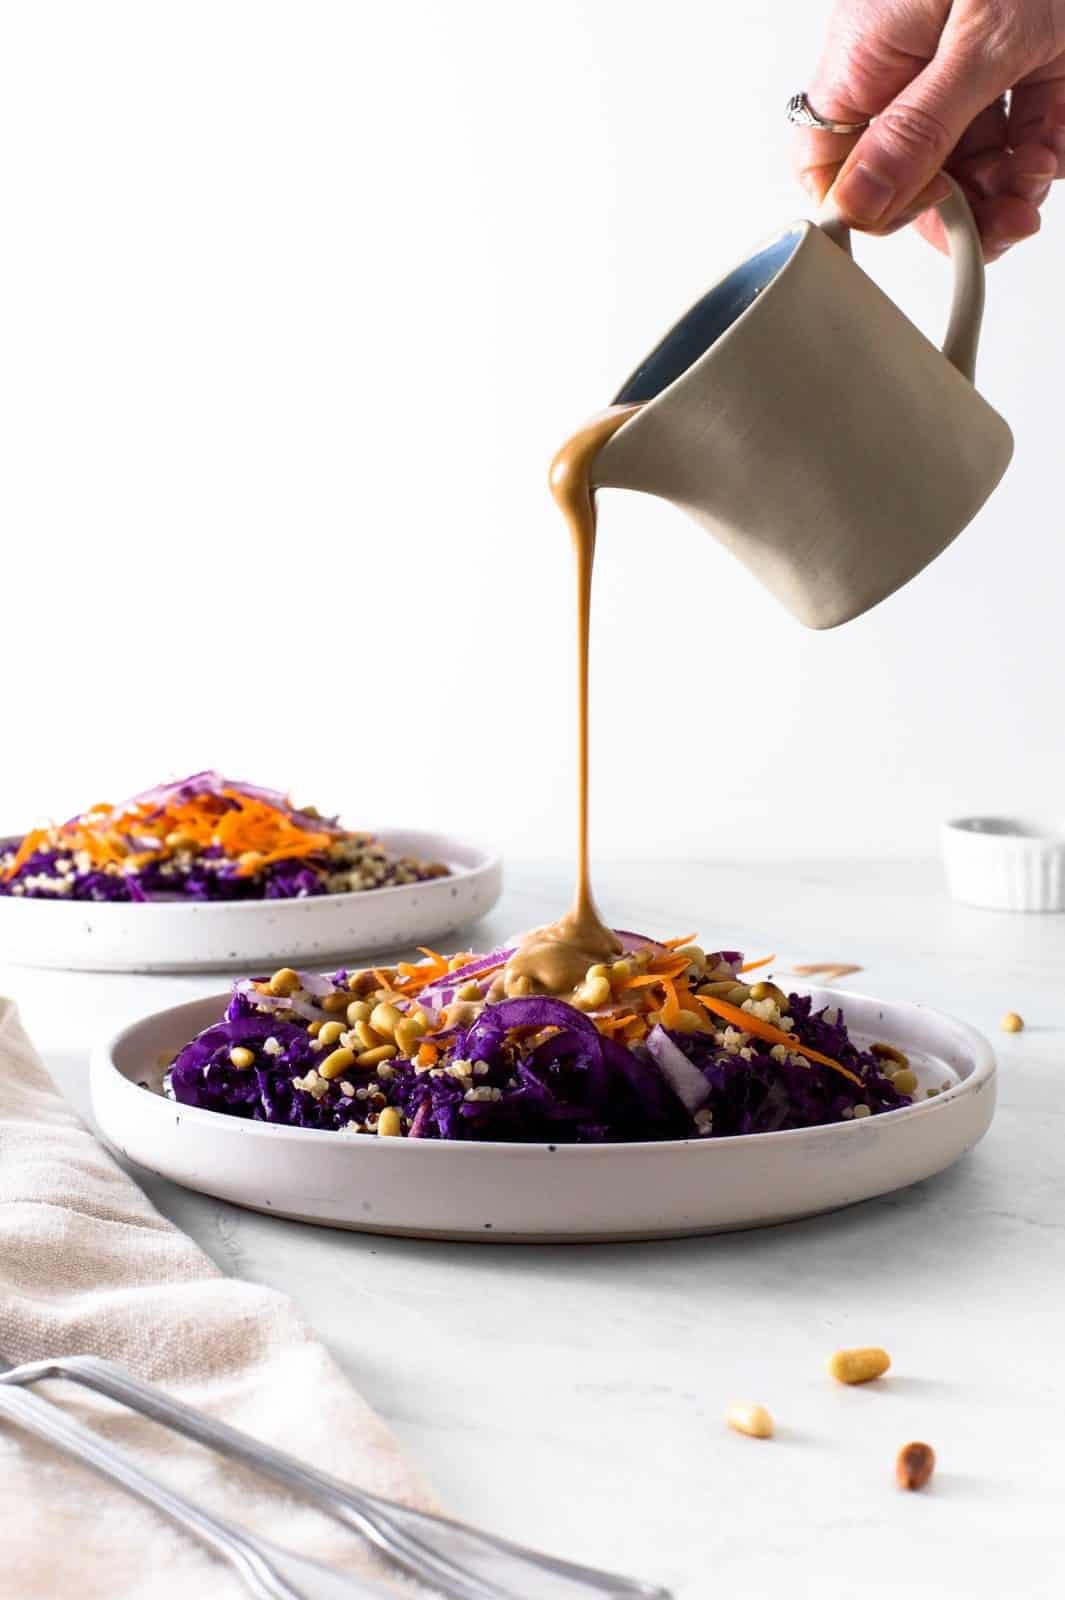 quinoa-rainbow-salad-vegan-cabbage-carrot (2 of 2)